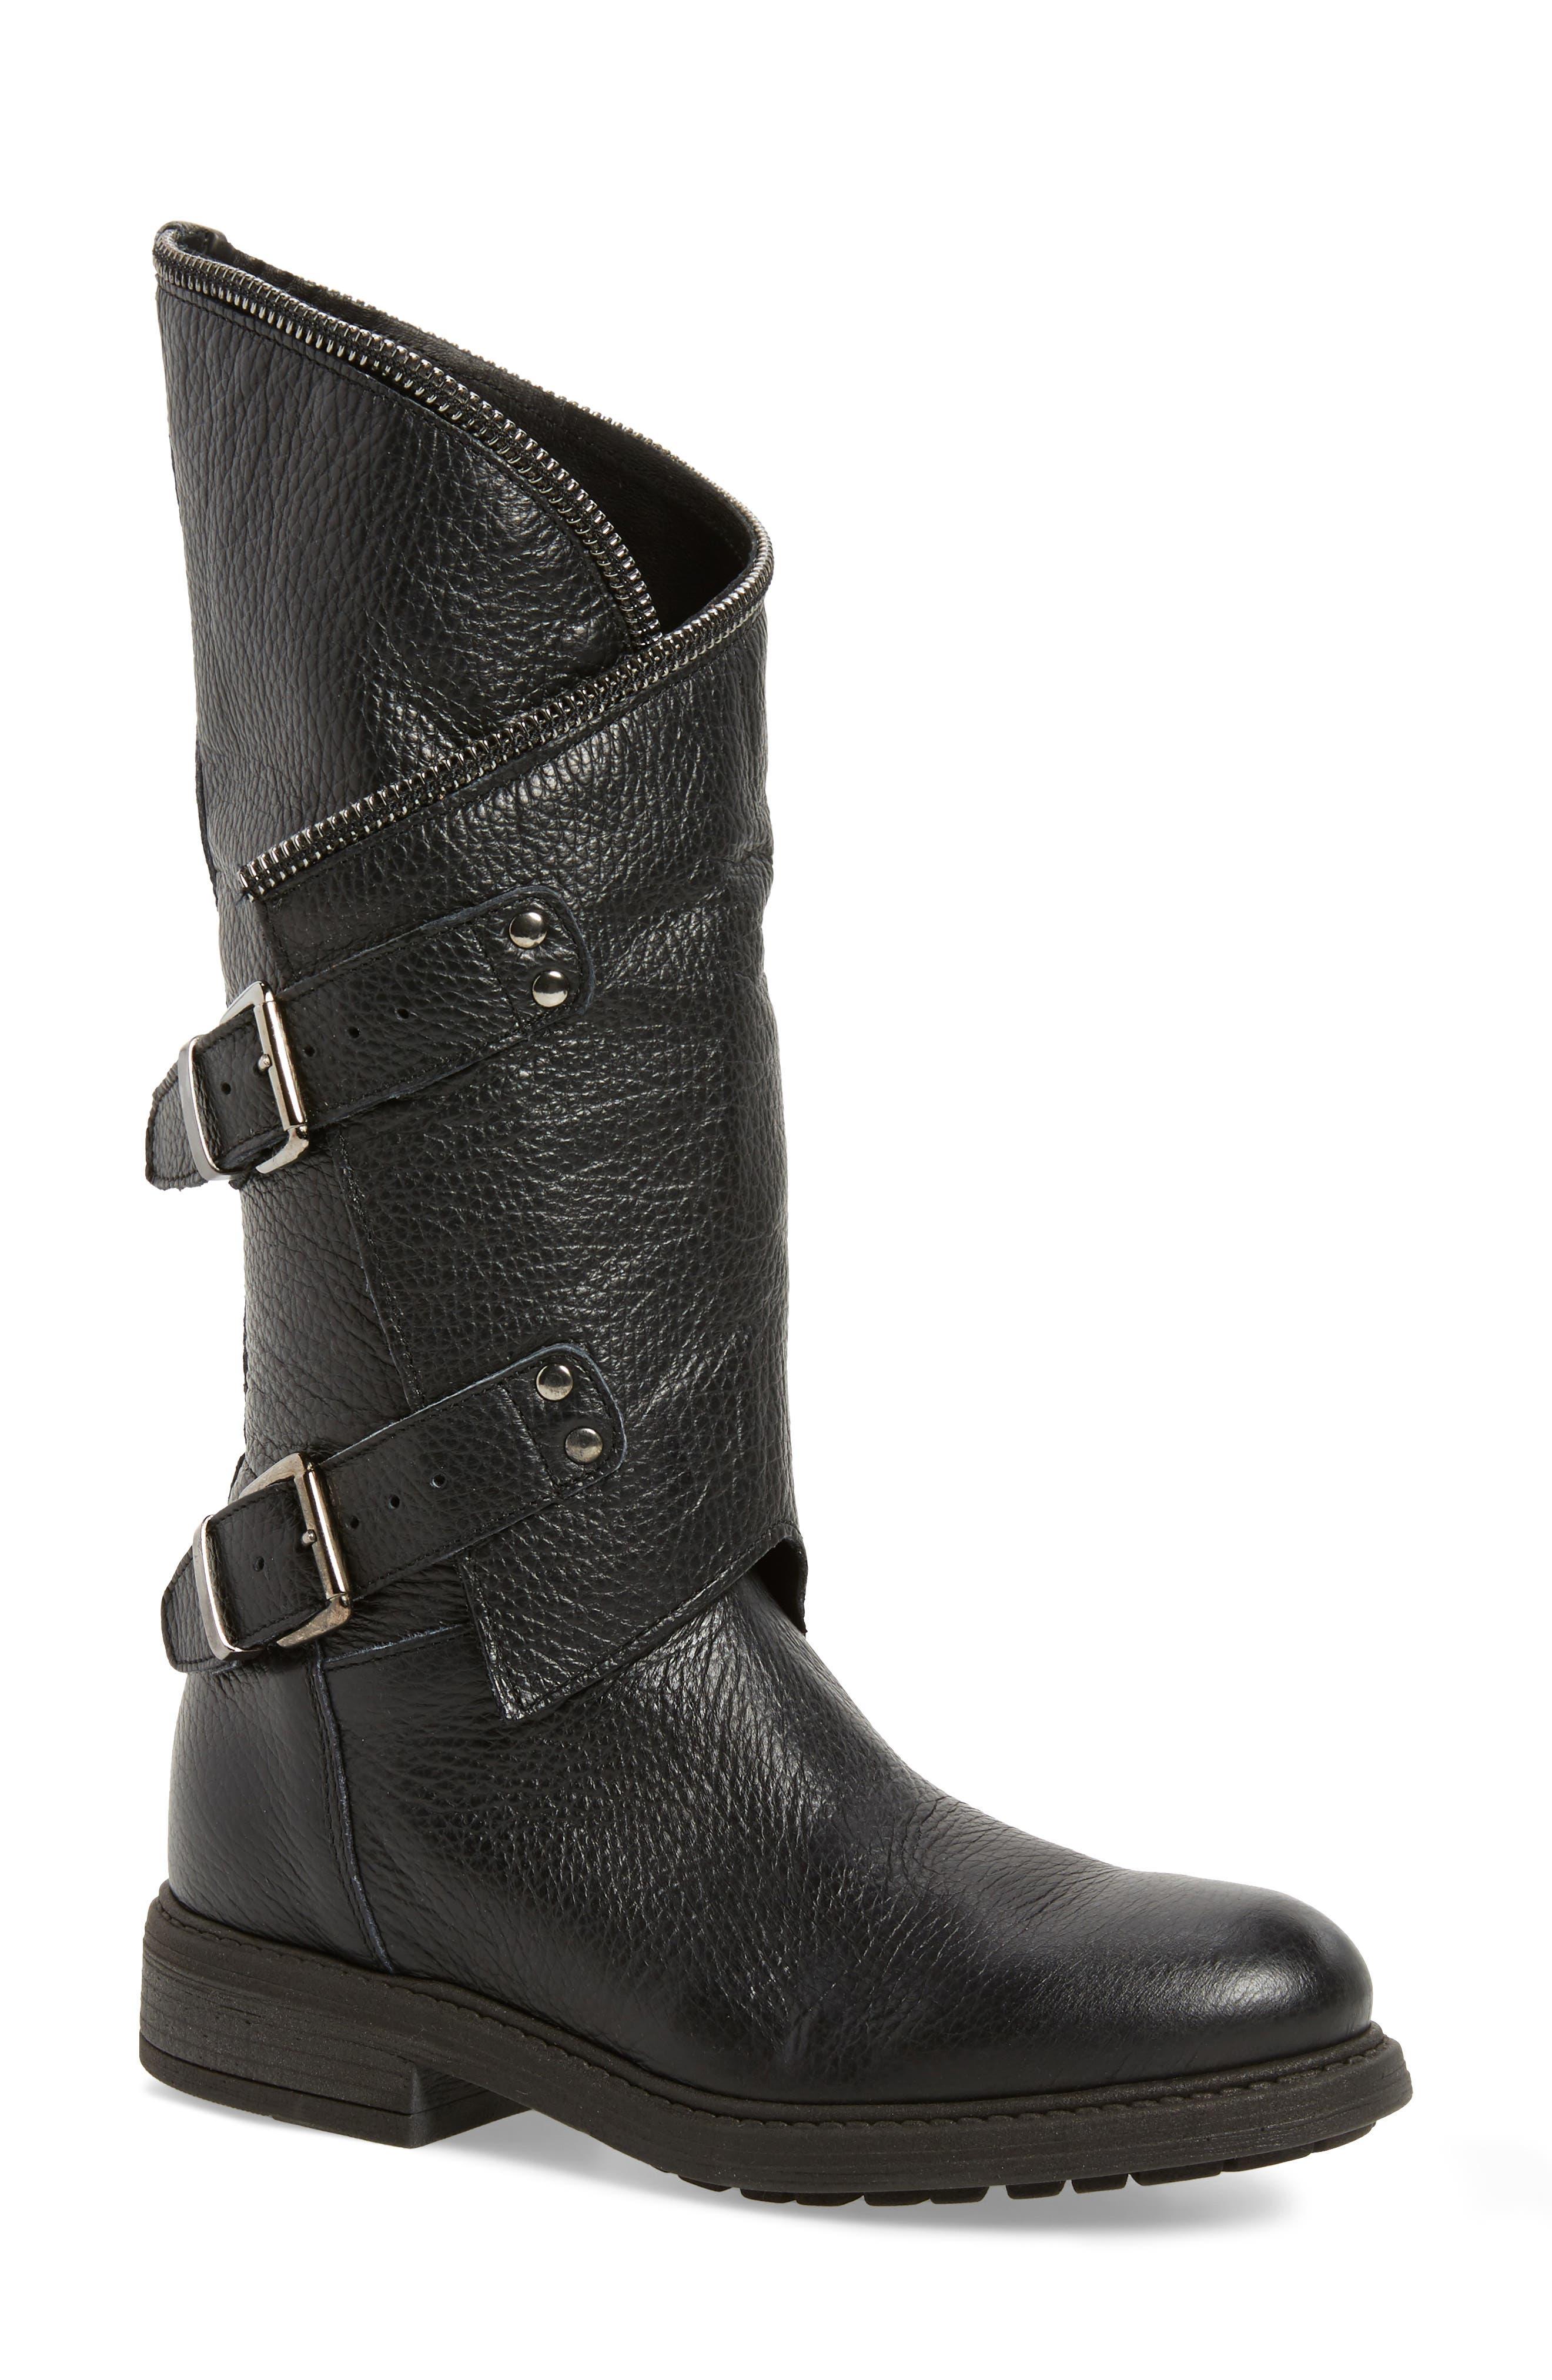 Main Image - Sheridan Mia Bray Asymmetrical Zip Boot (Women)